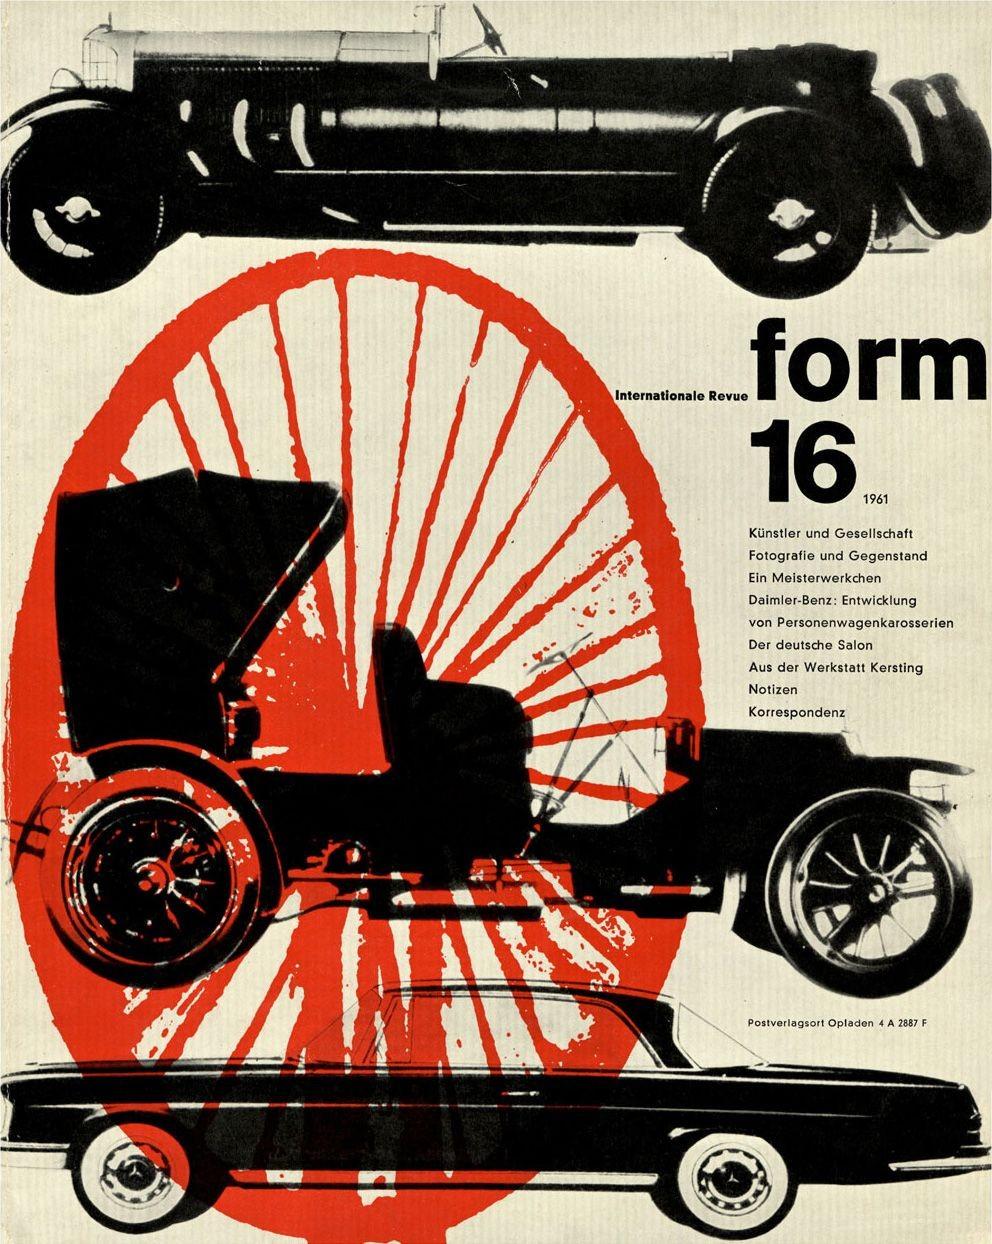 form.de-form-designmagazinf882f2ebe71ebebf4513f837014504ec.jpg